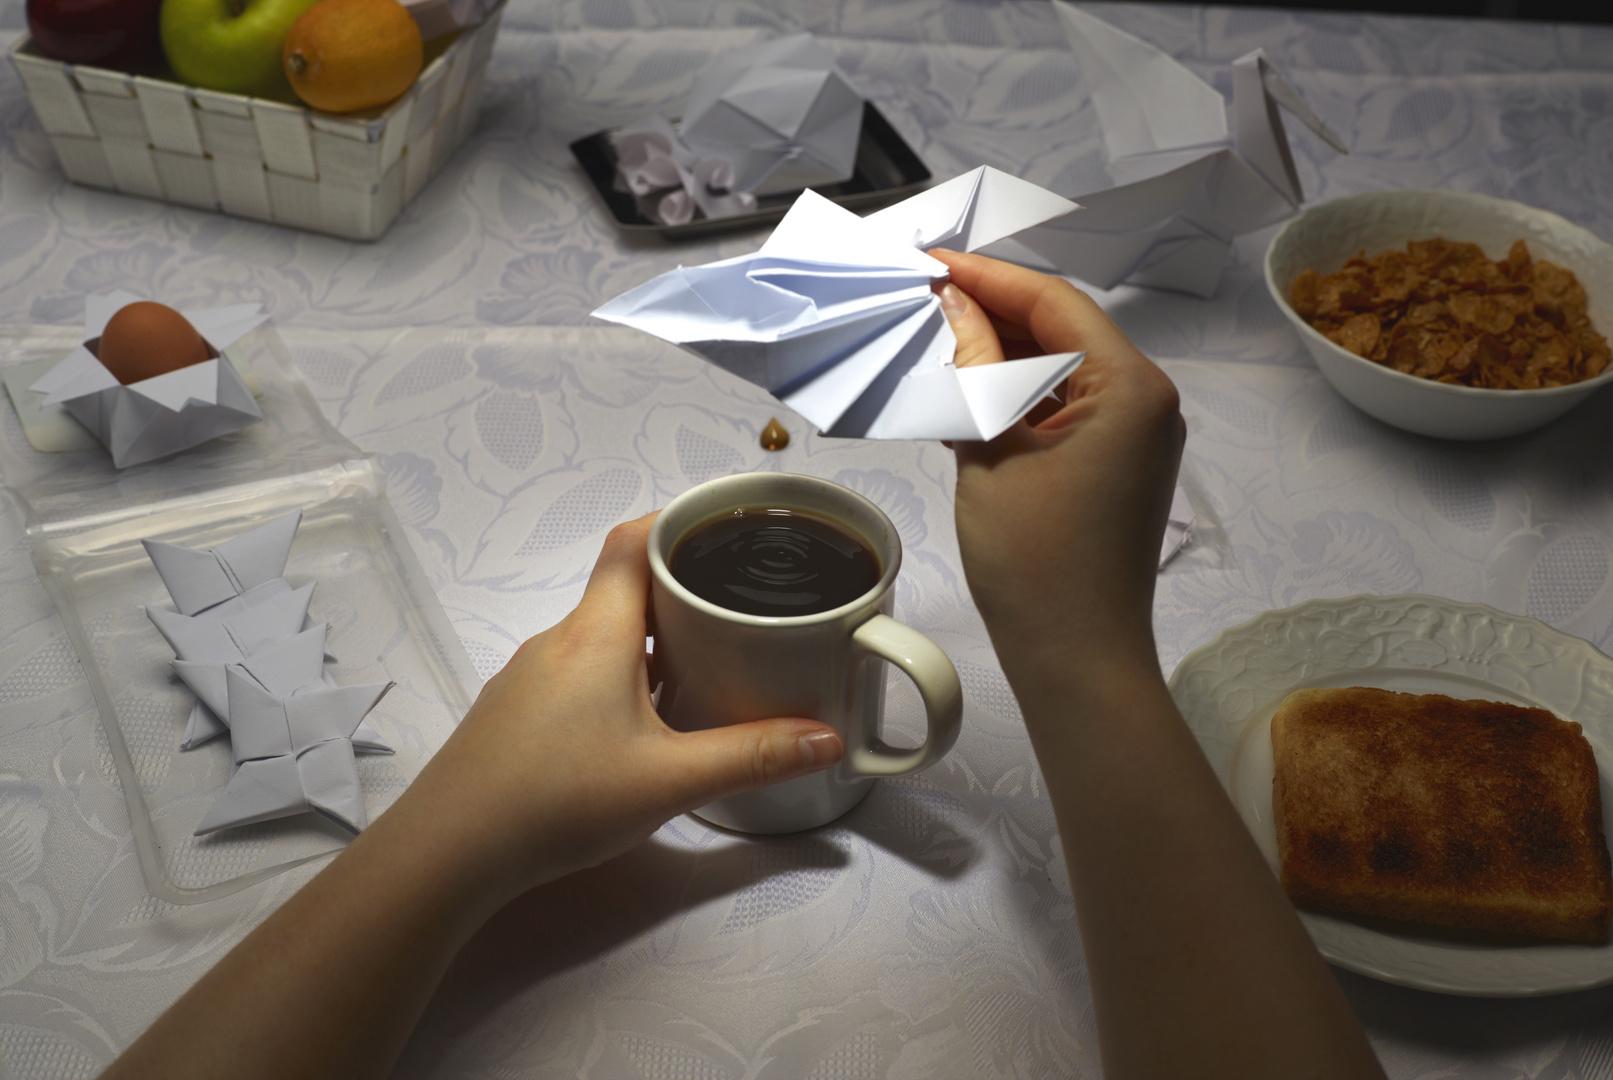 Das etwas andere Frühstück- Kaffeebomber